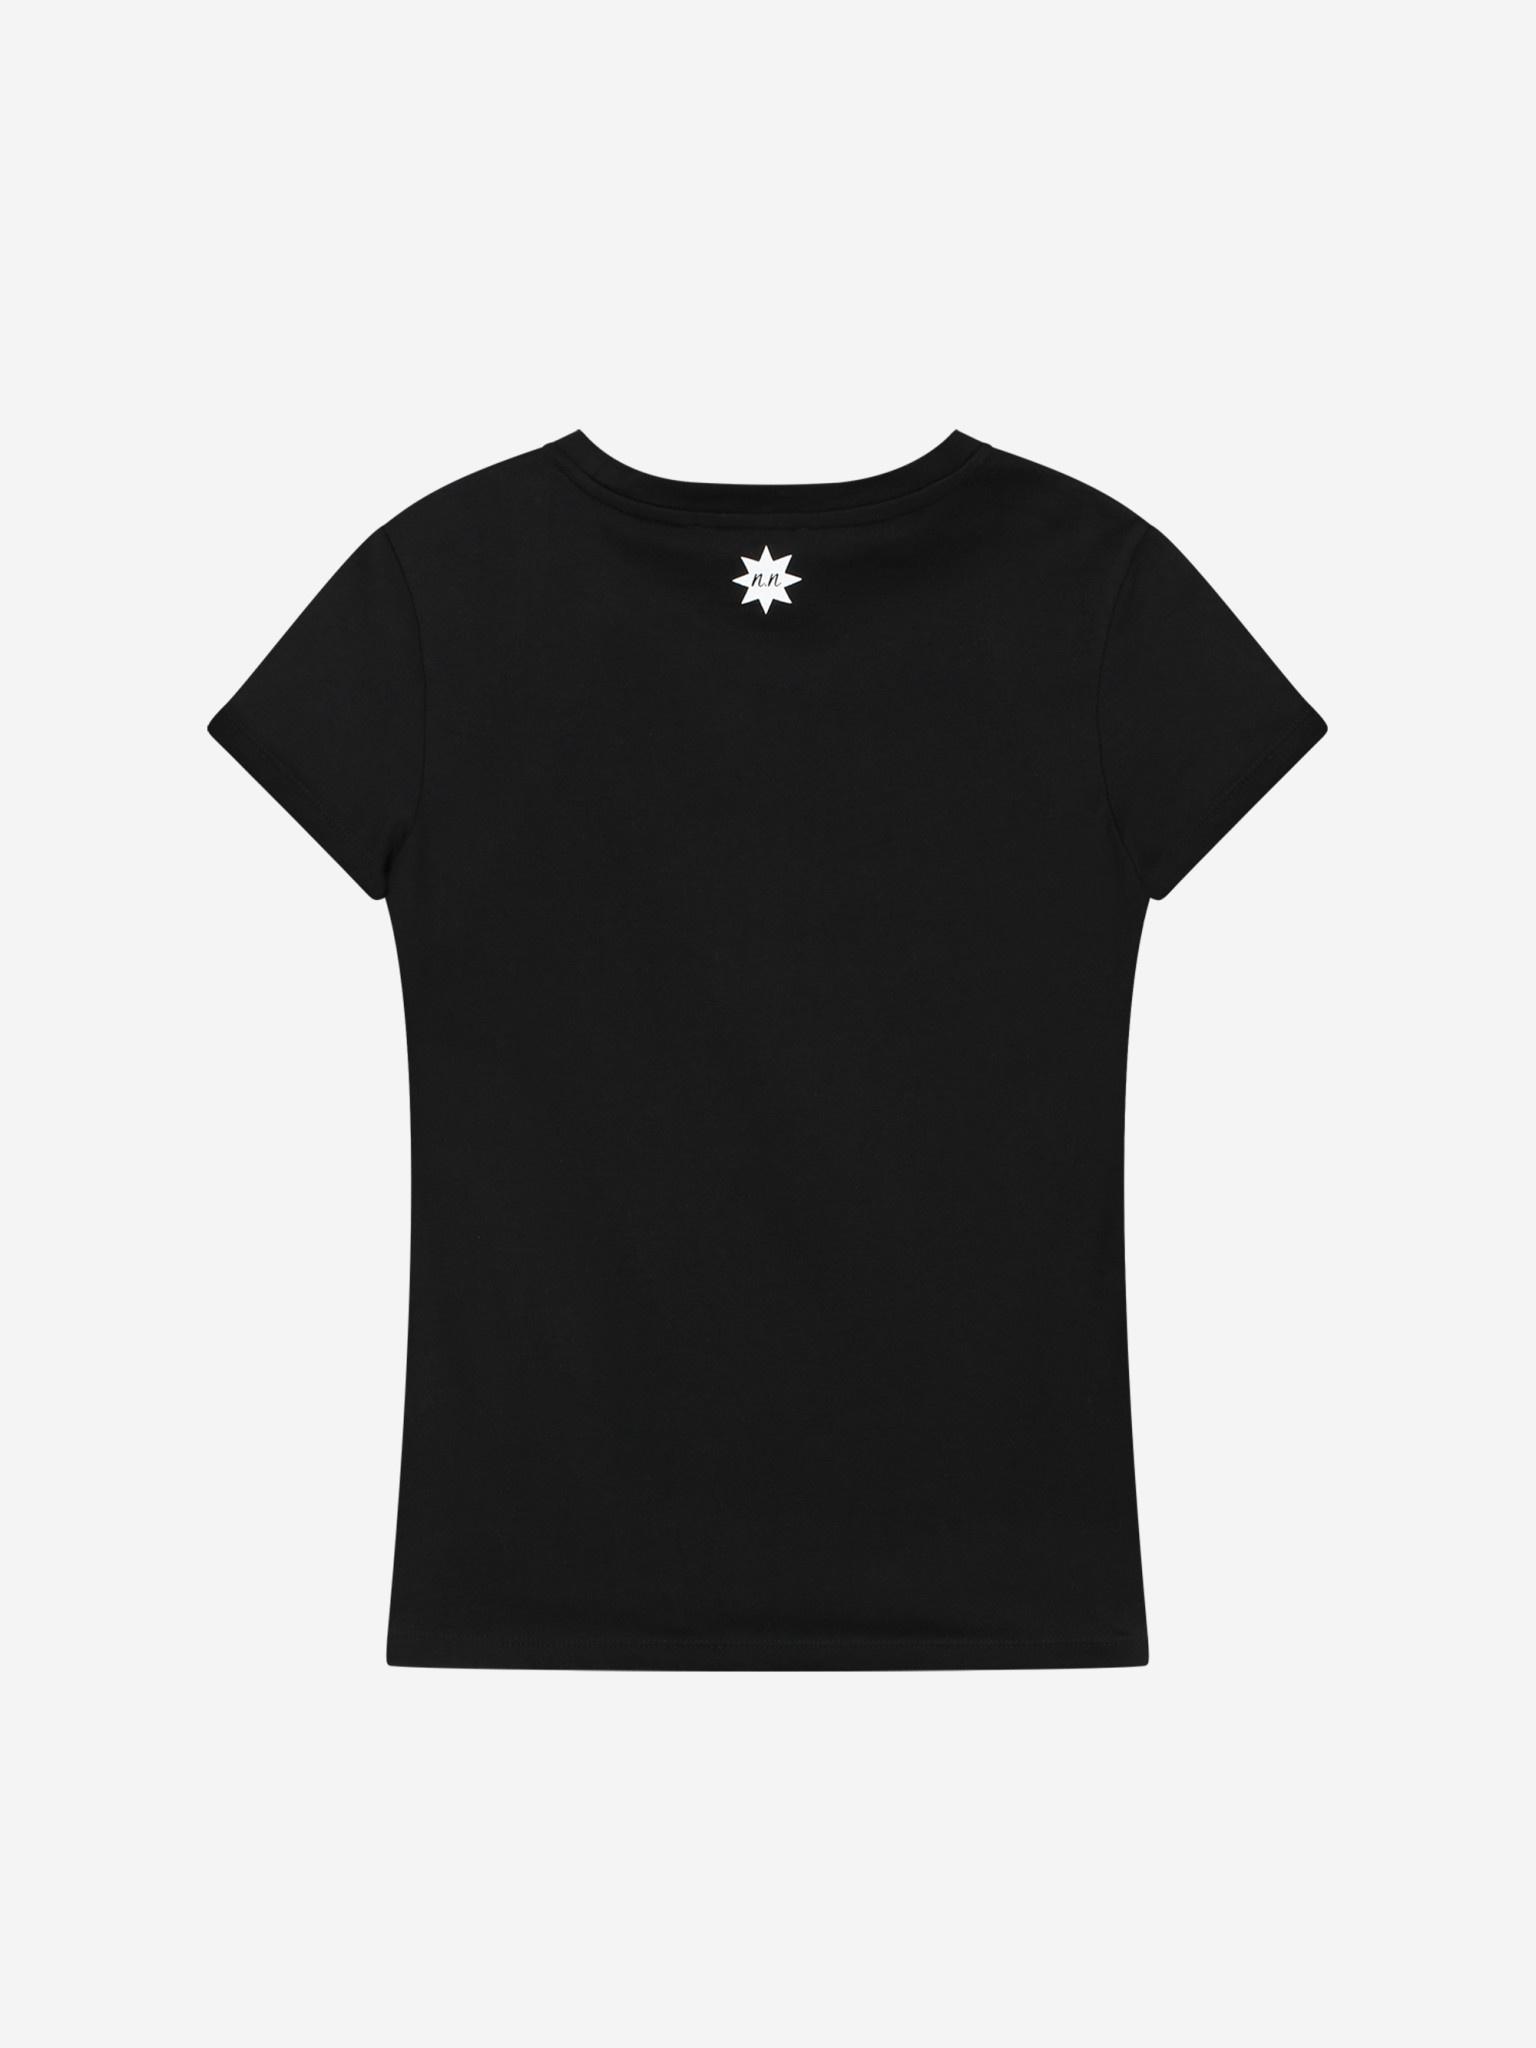 Nik & Nik Kadi T-Shirt